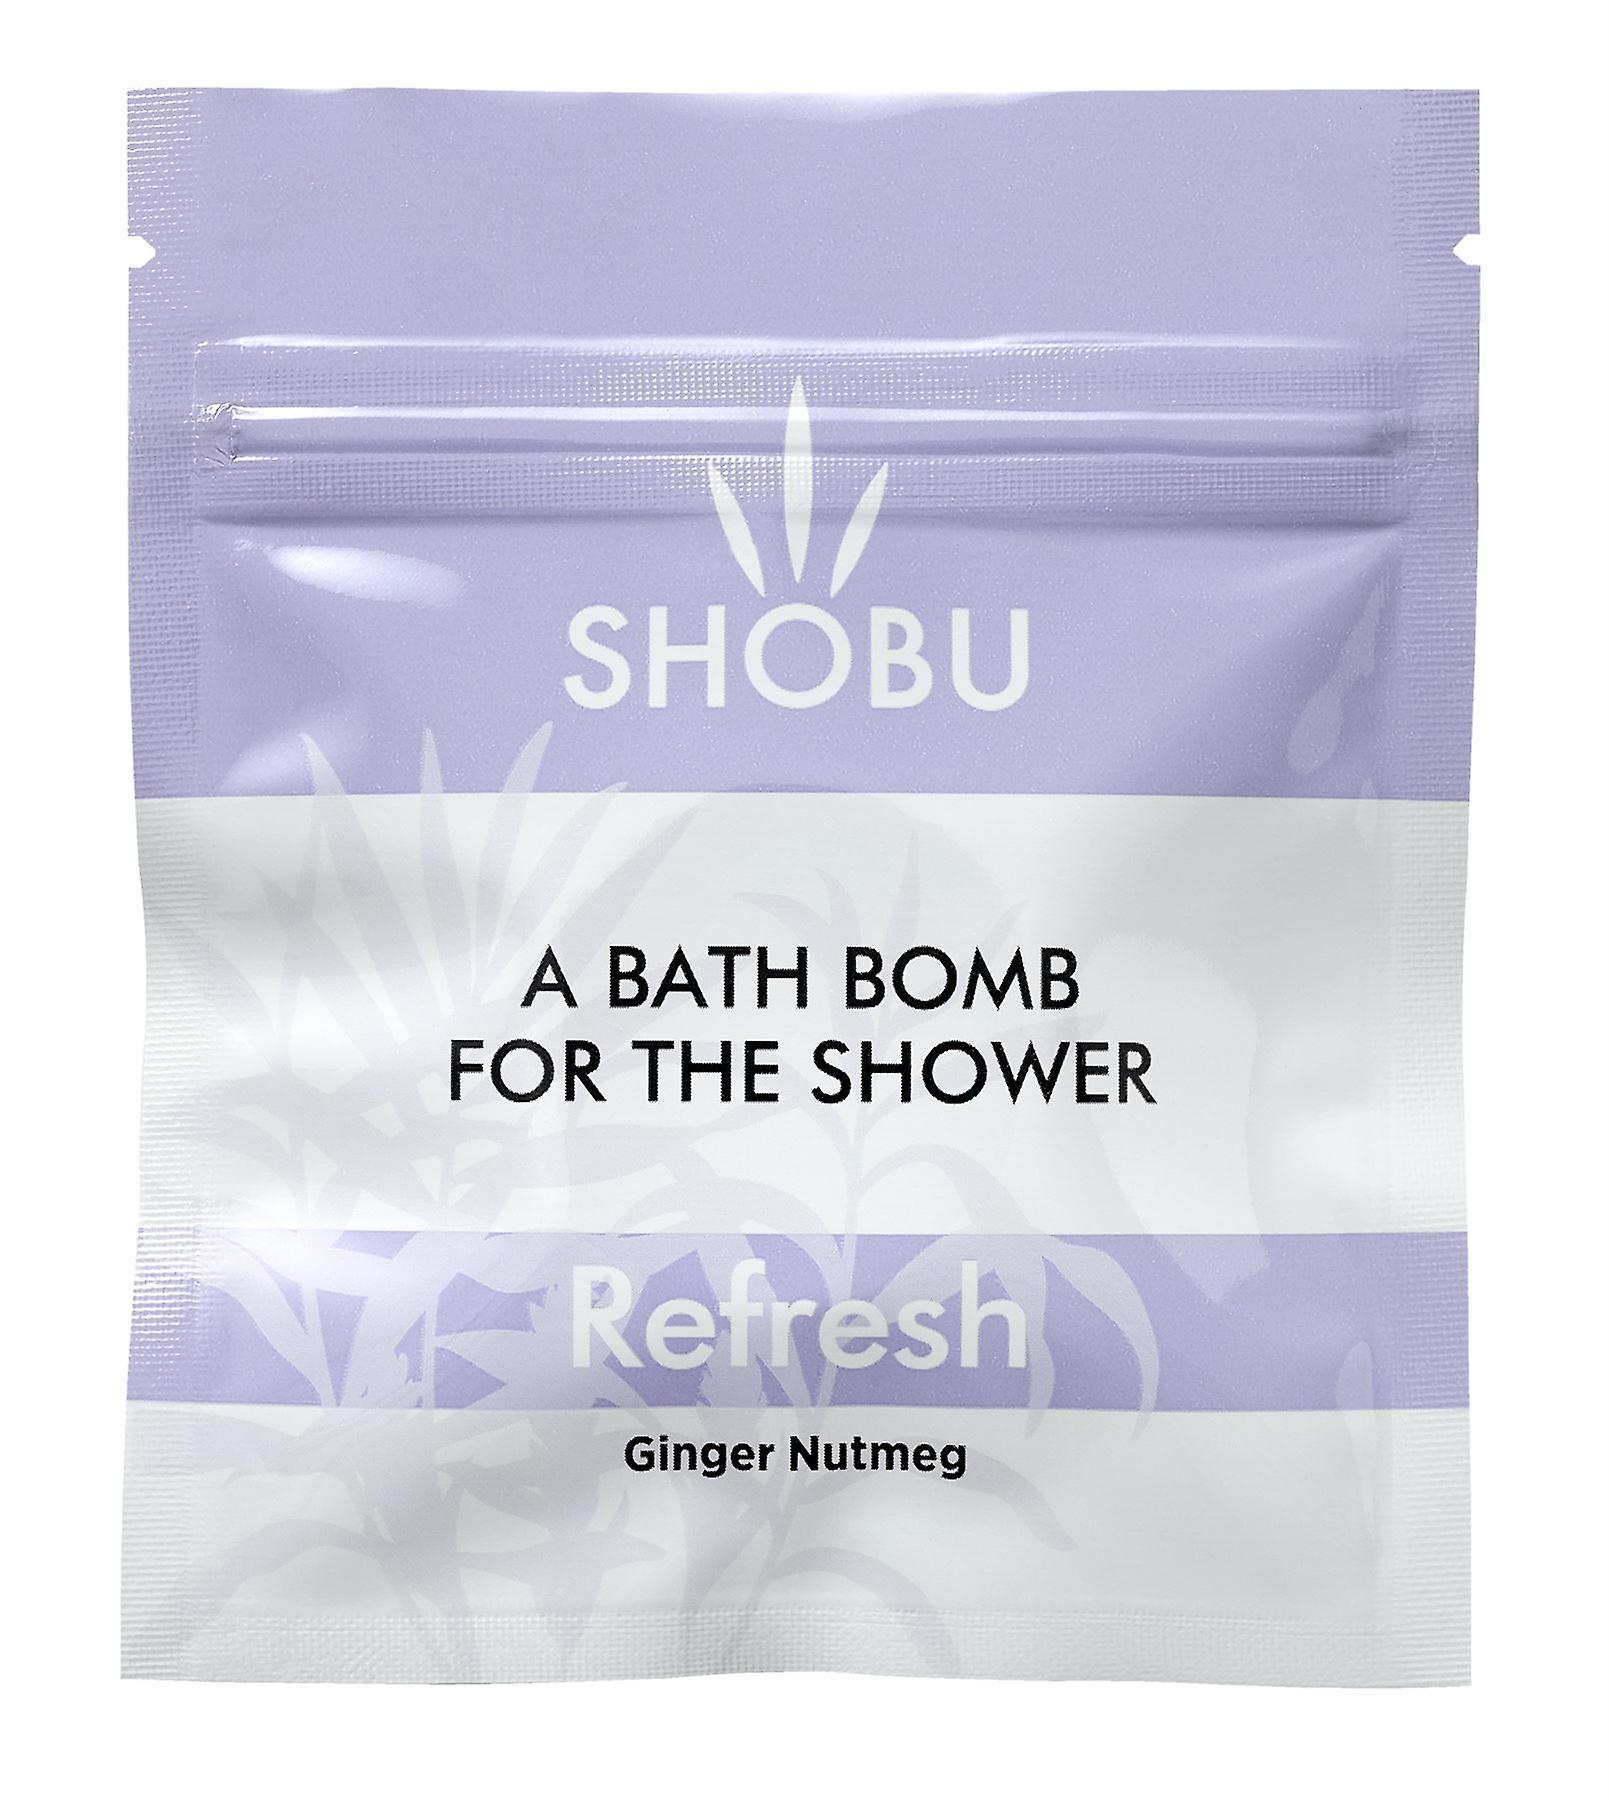 Shobu ReFresh Shobomb Shower Bomb